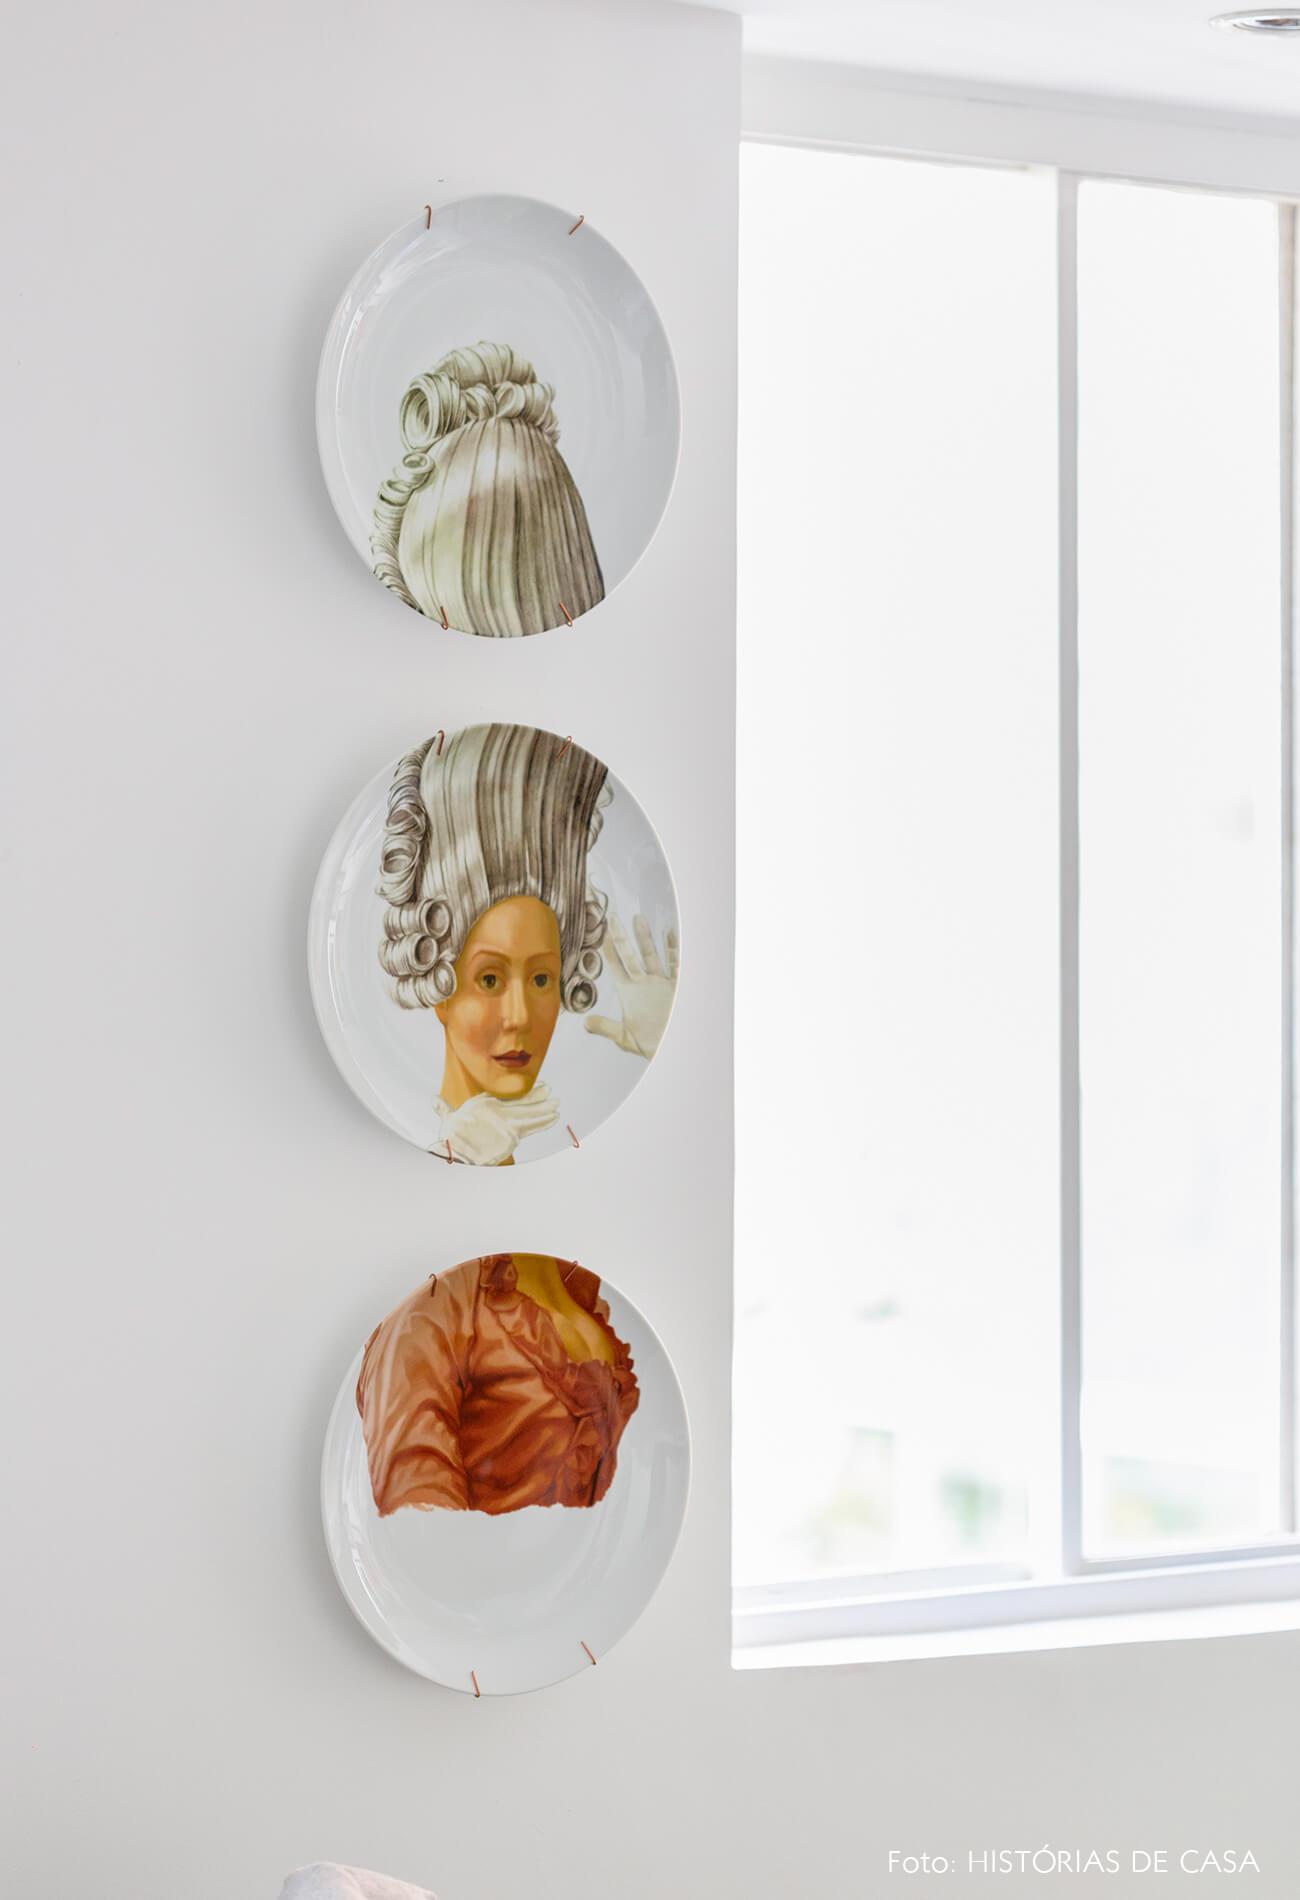 Apartamento alugado com ambientes integrados e muitos objetos vintage para uma decoração com personalidade - pratos de parede